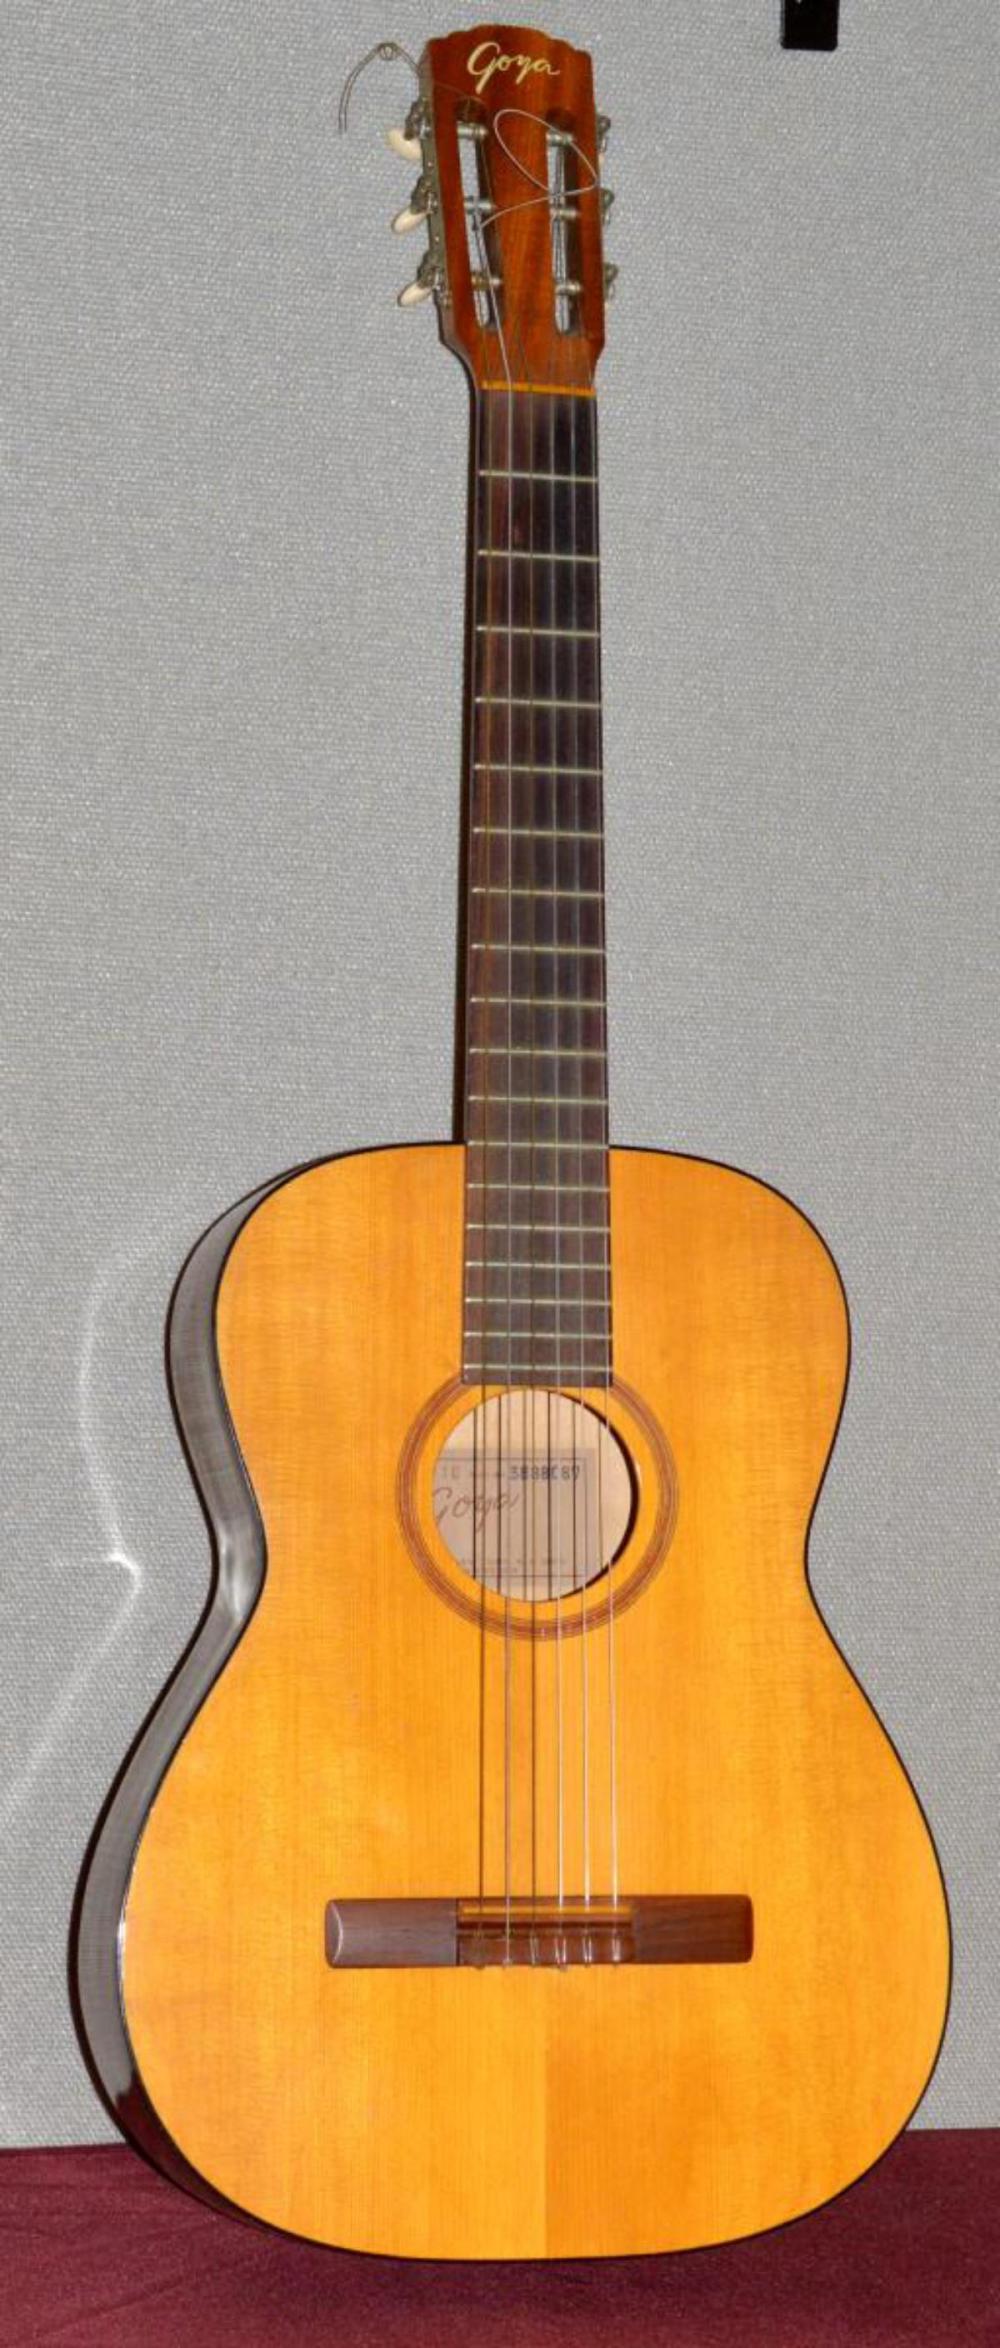 Lot 129: Vintage Sweden Made Goya G-10 Classical Guitar